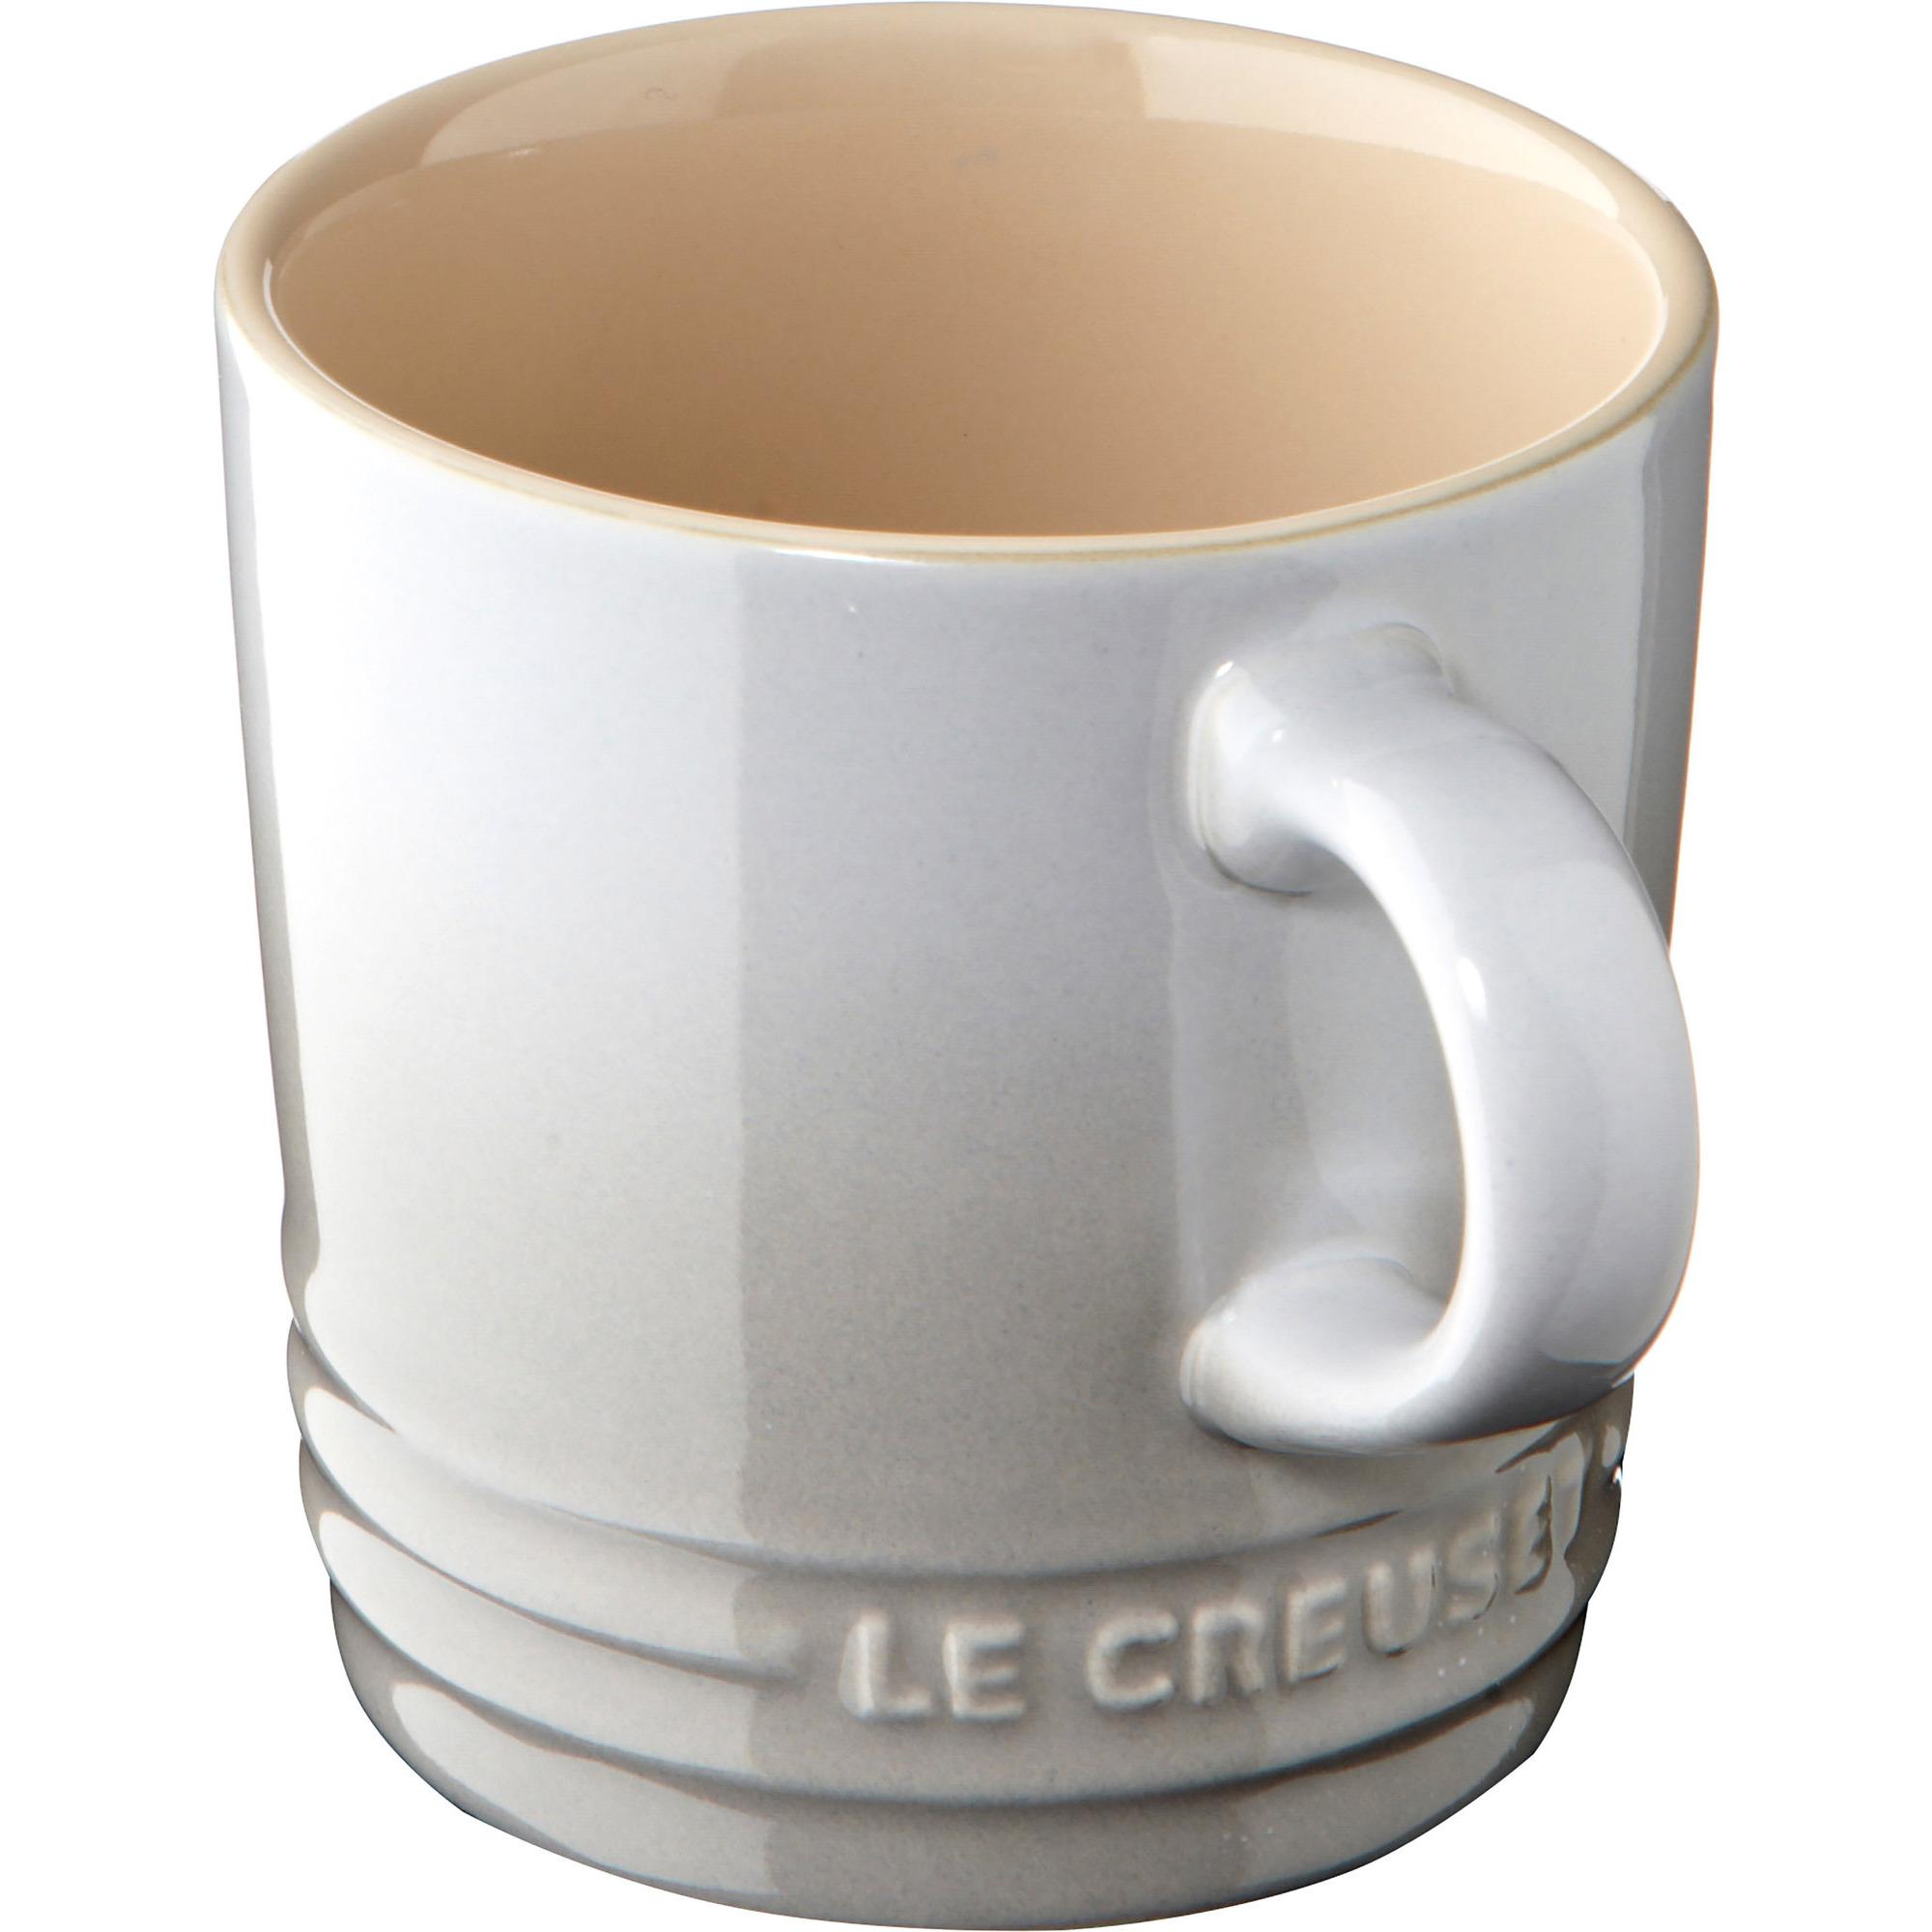 Le Creuset Kaffemugg Raka Sidor Mist Gray